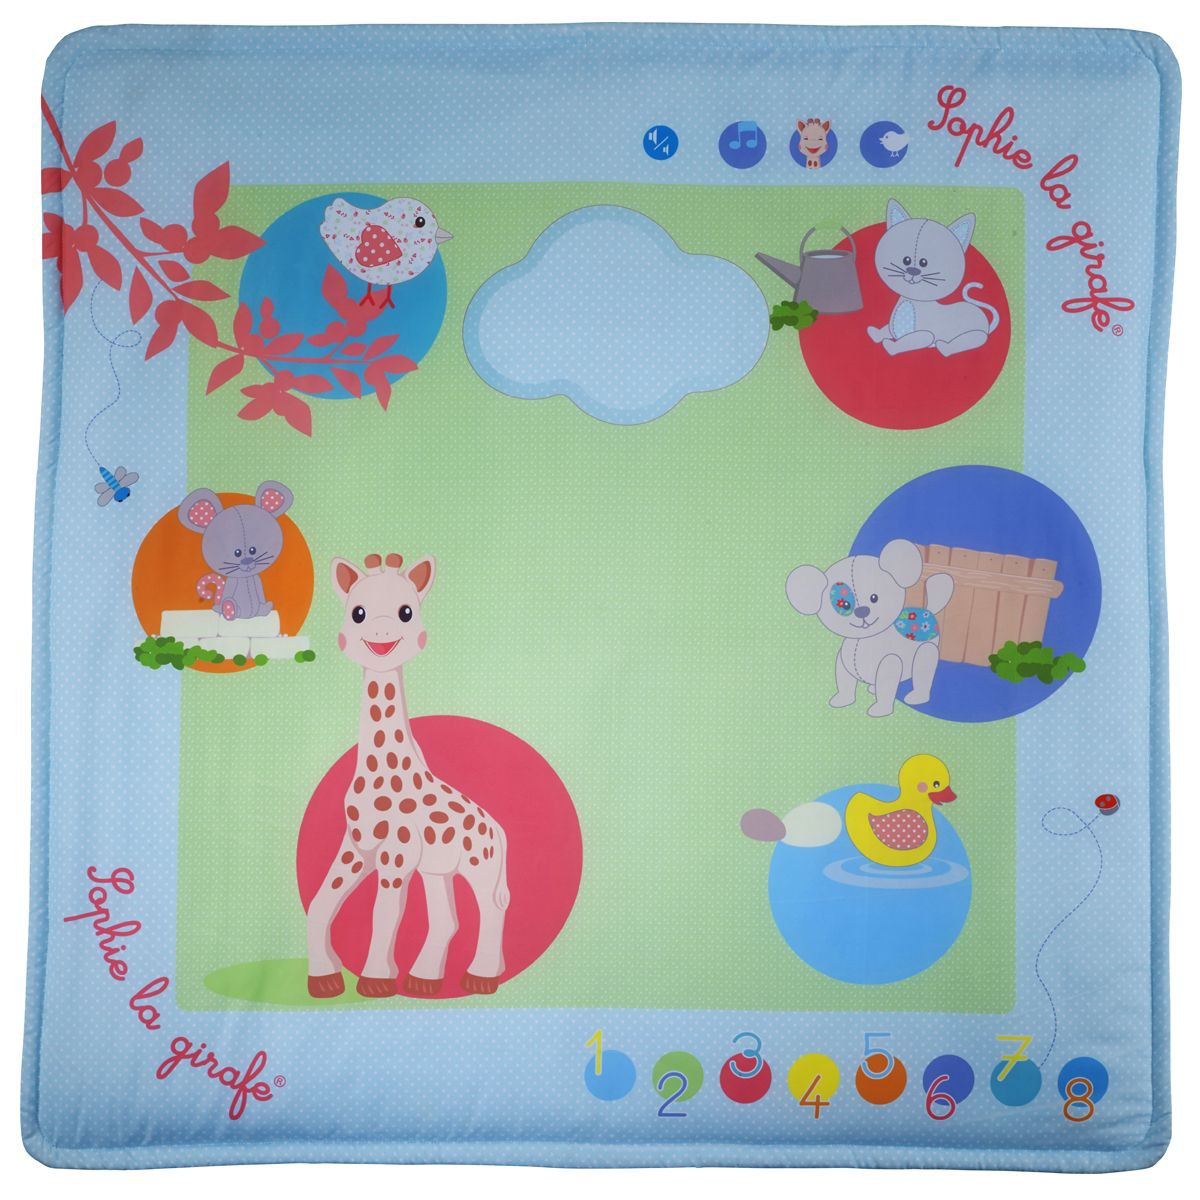 Touch   Play mat  Sophie la girafe Sophie la Girafe 240114   lit bébé  sauthon livry-gargan, biberon avent natural et doudou et compagni 94e43572ffe6